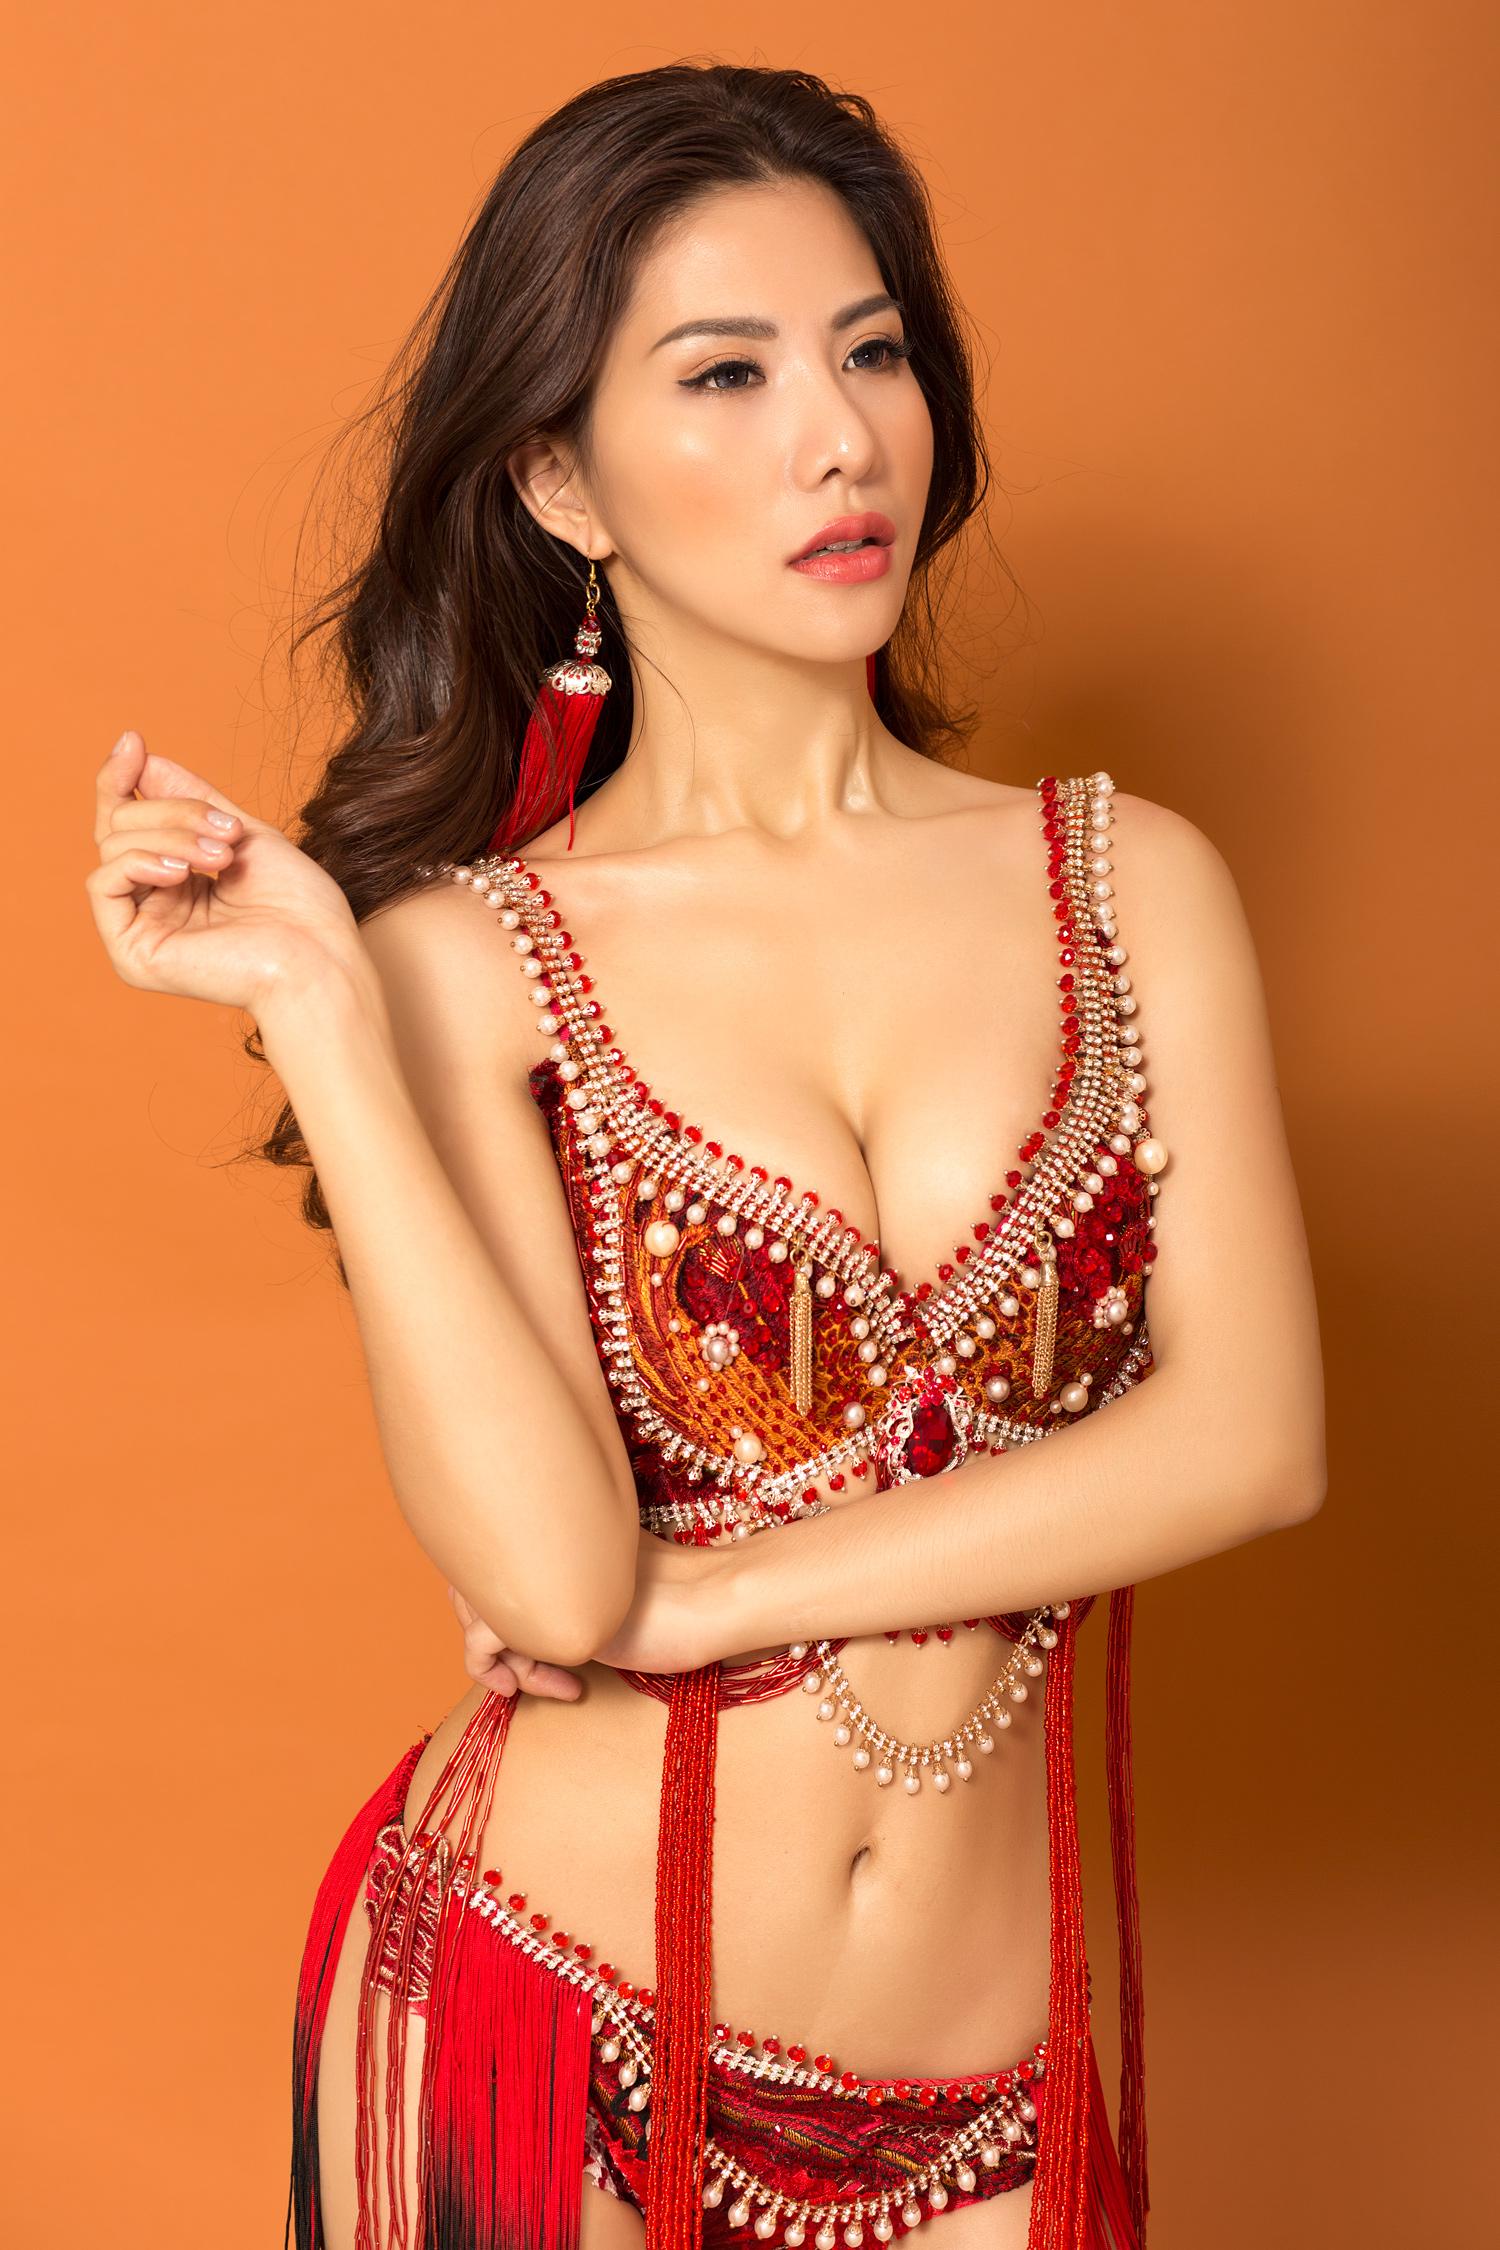 Bộ nội y nặng 25kg thiết kế không khác gì Victoria's Secret của Loan Vương 5